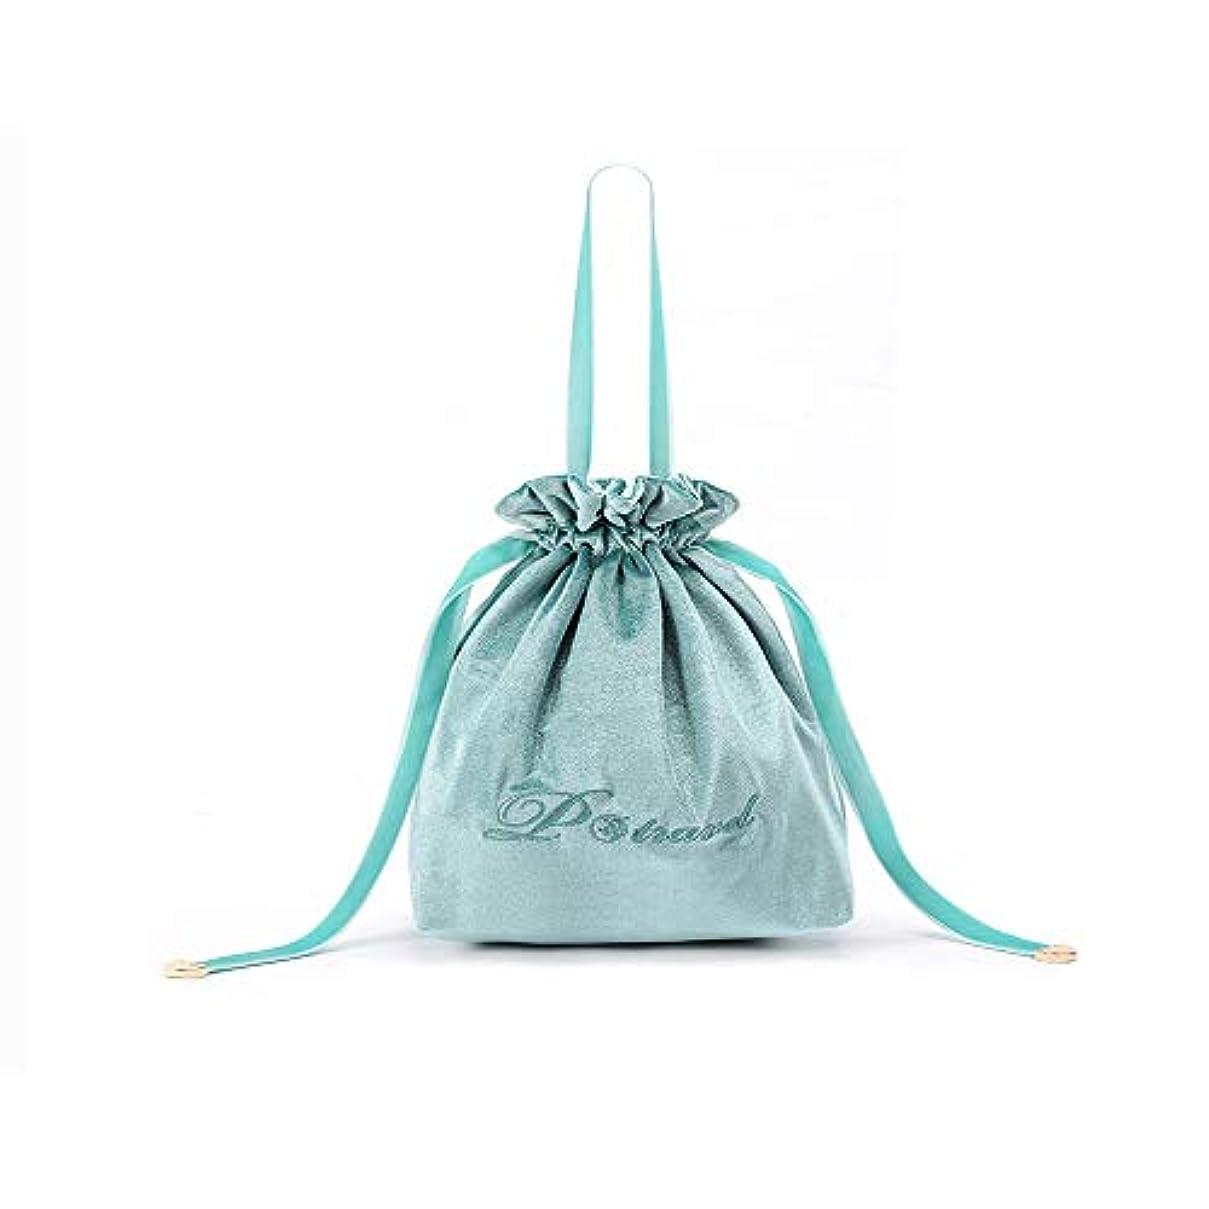 広まった強化ふりをするコスメポーチ 巾着 化粧 ポーチ ポータブル旅行メイクバッグ 旅行化粧バッグ 大容量 超軽量 便利 旅行 (ライトブルー)